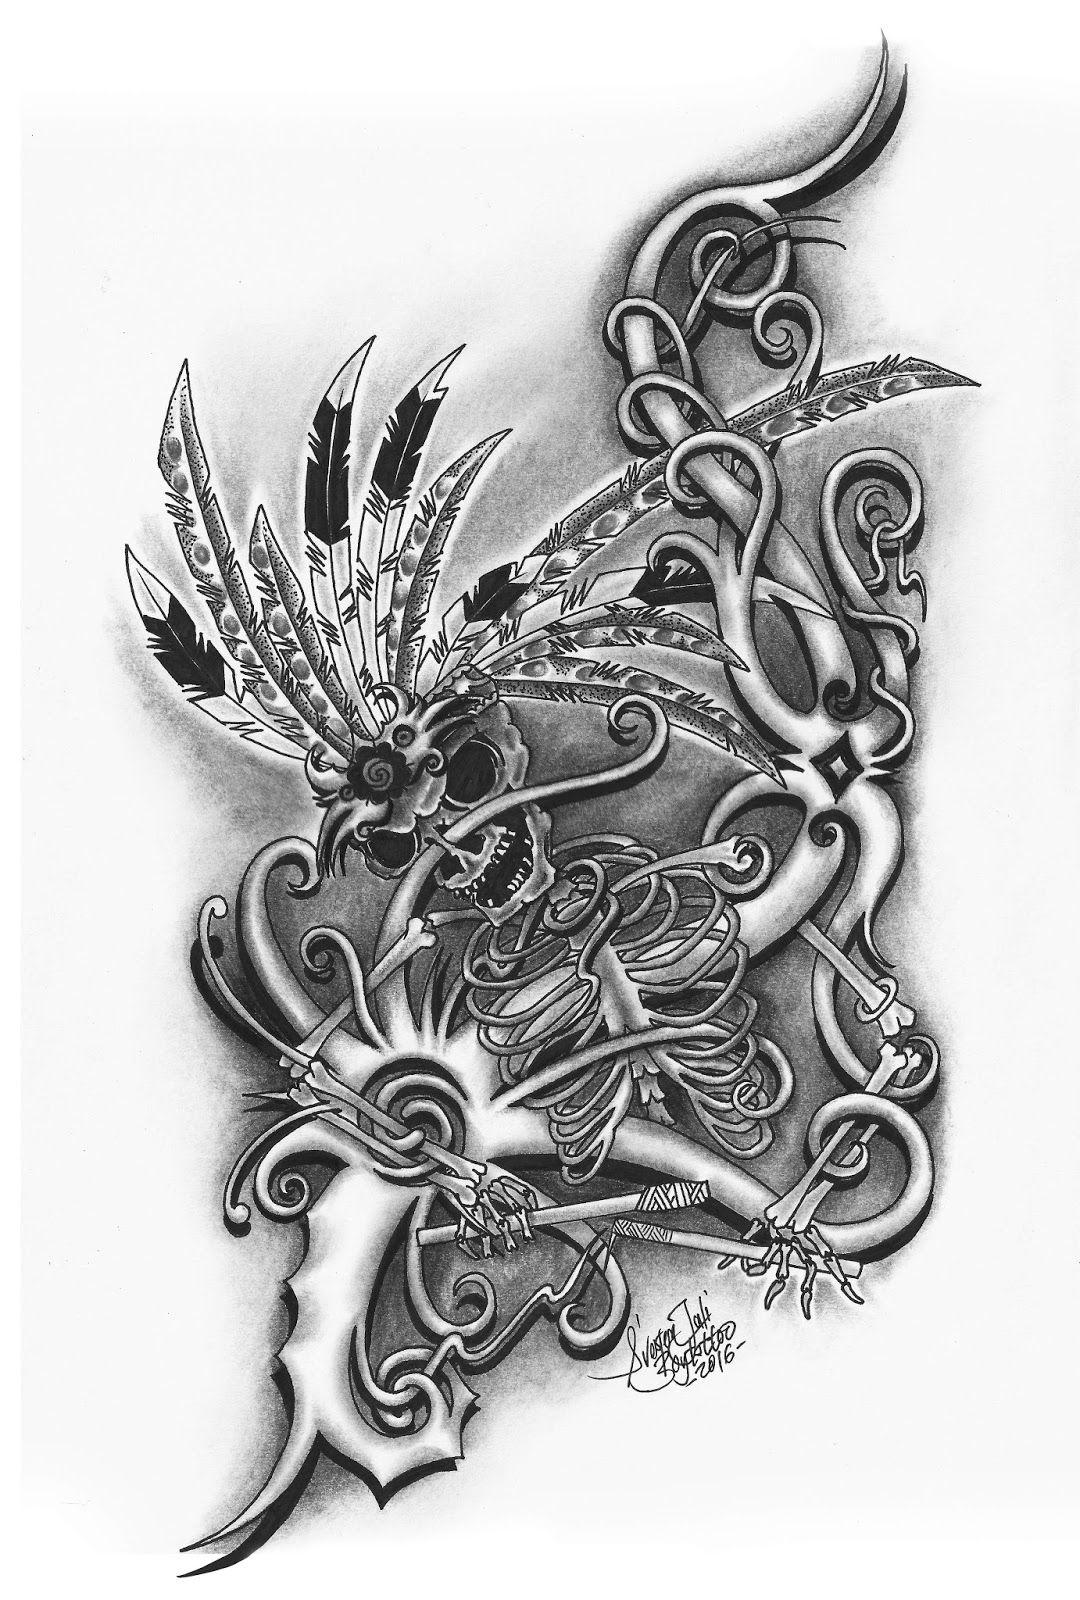 Pin Oleh Septia Jilken R Di Seni Tato Borneo Ide Tato Seni Tato